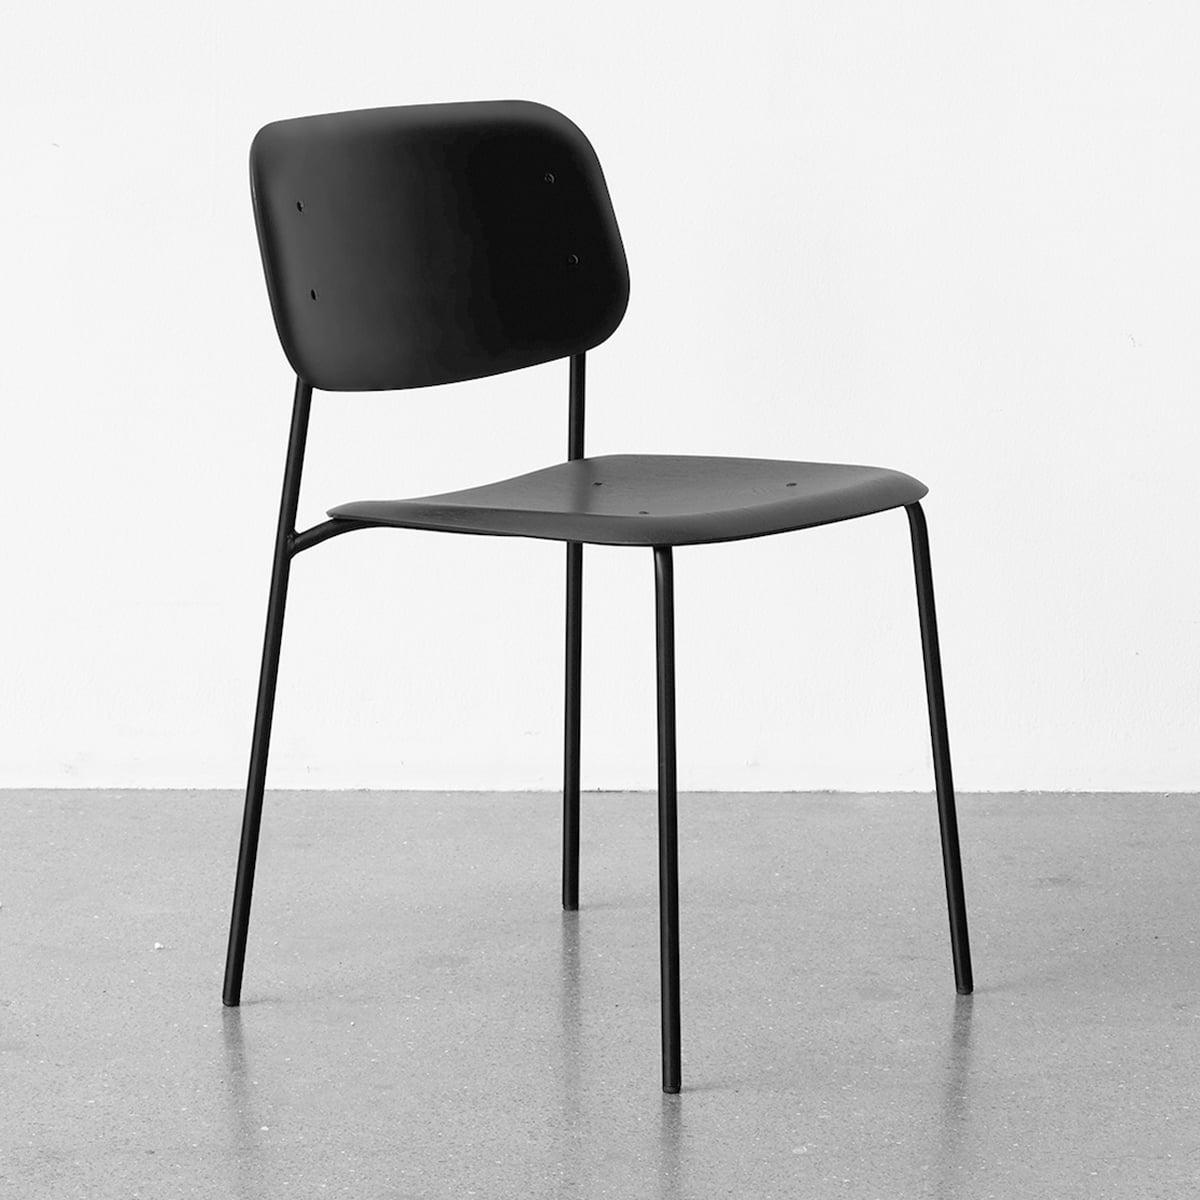 awesome einfache dekoration und mobel stuhl kollektion soft edge von hay #1: Der Hay - Soft Edge P10 Stuhl, schwarz / schwarz